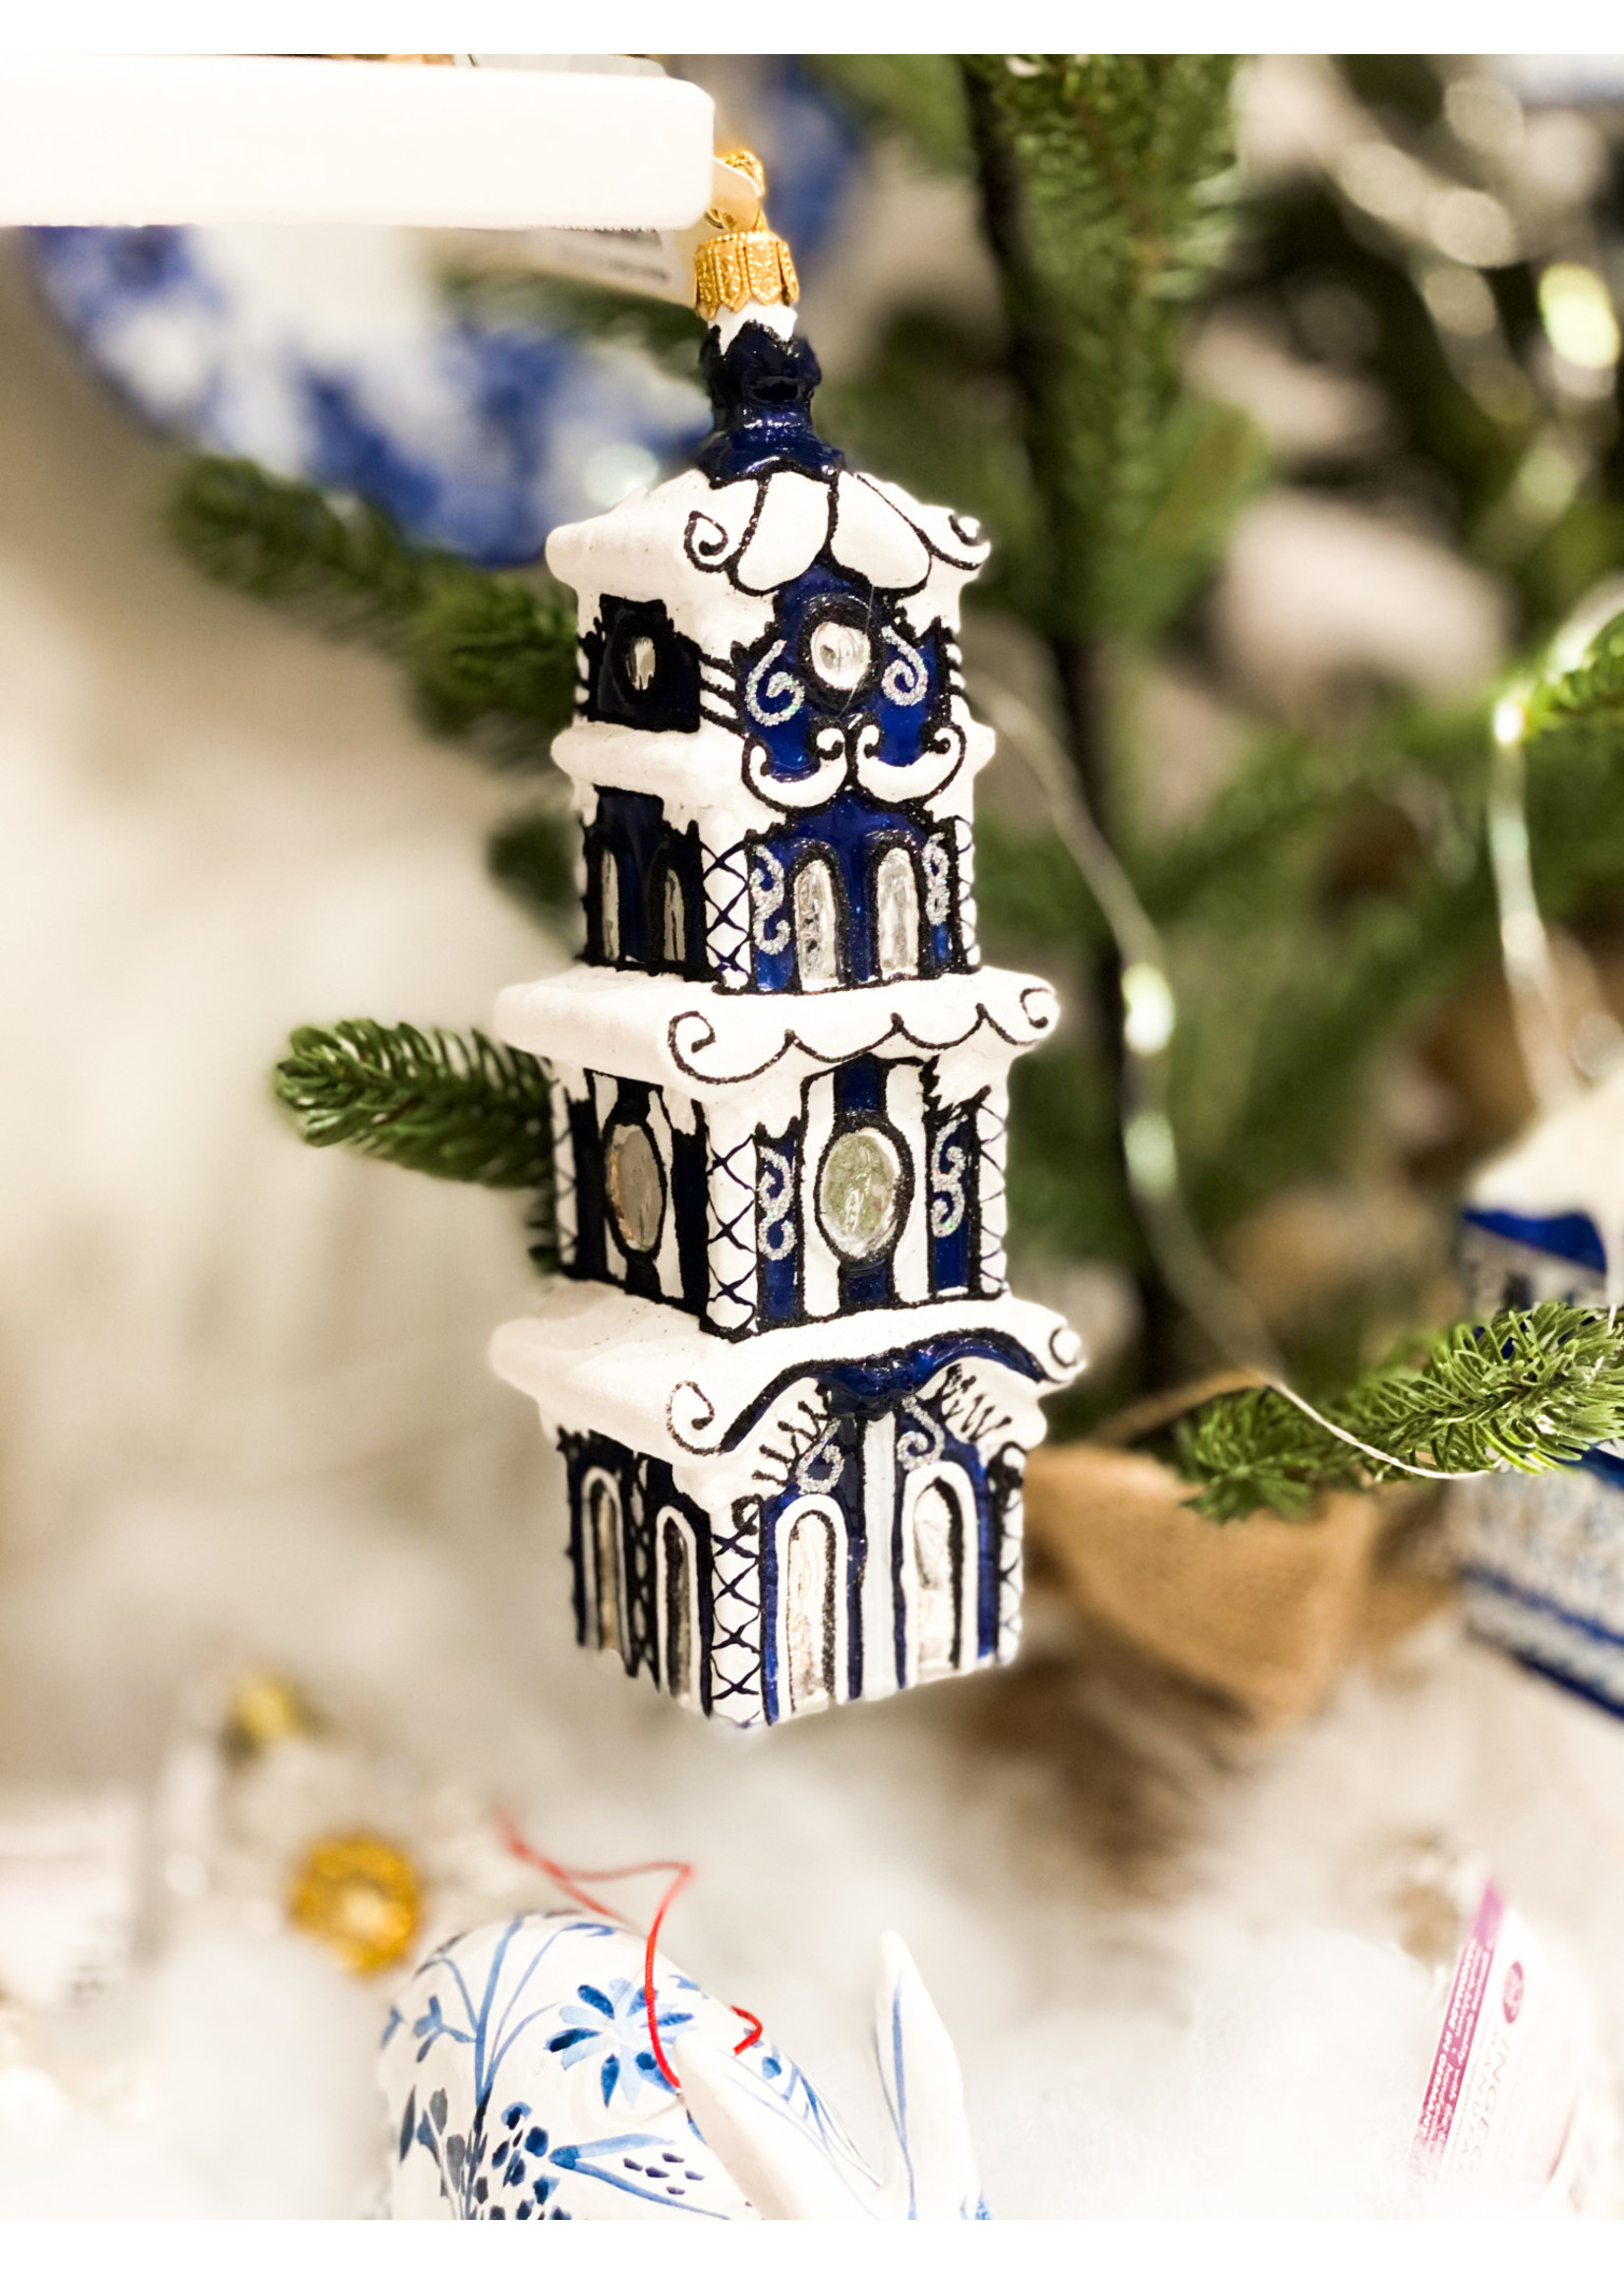 Jingle Nog Ornament - Garden Folly